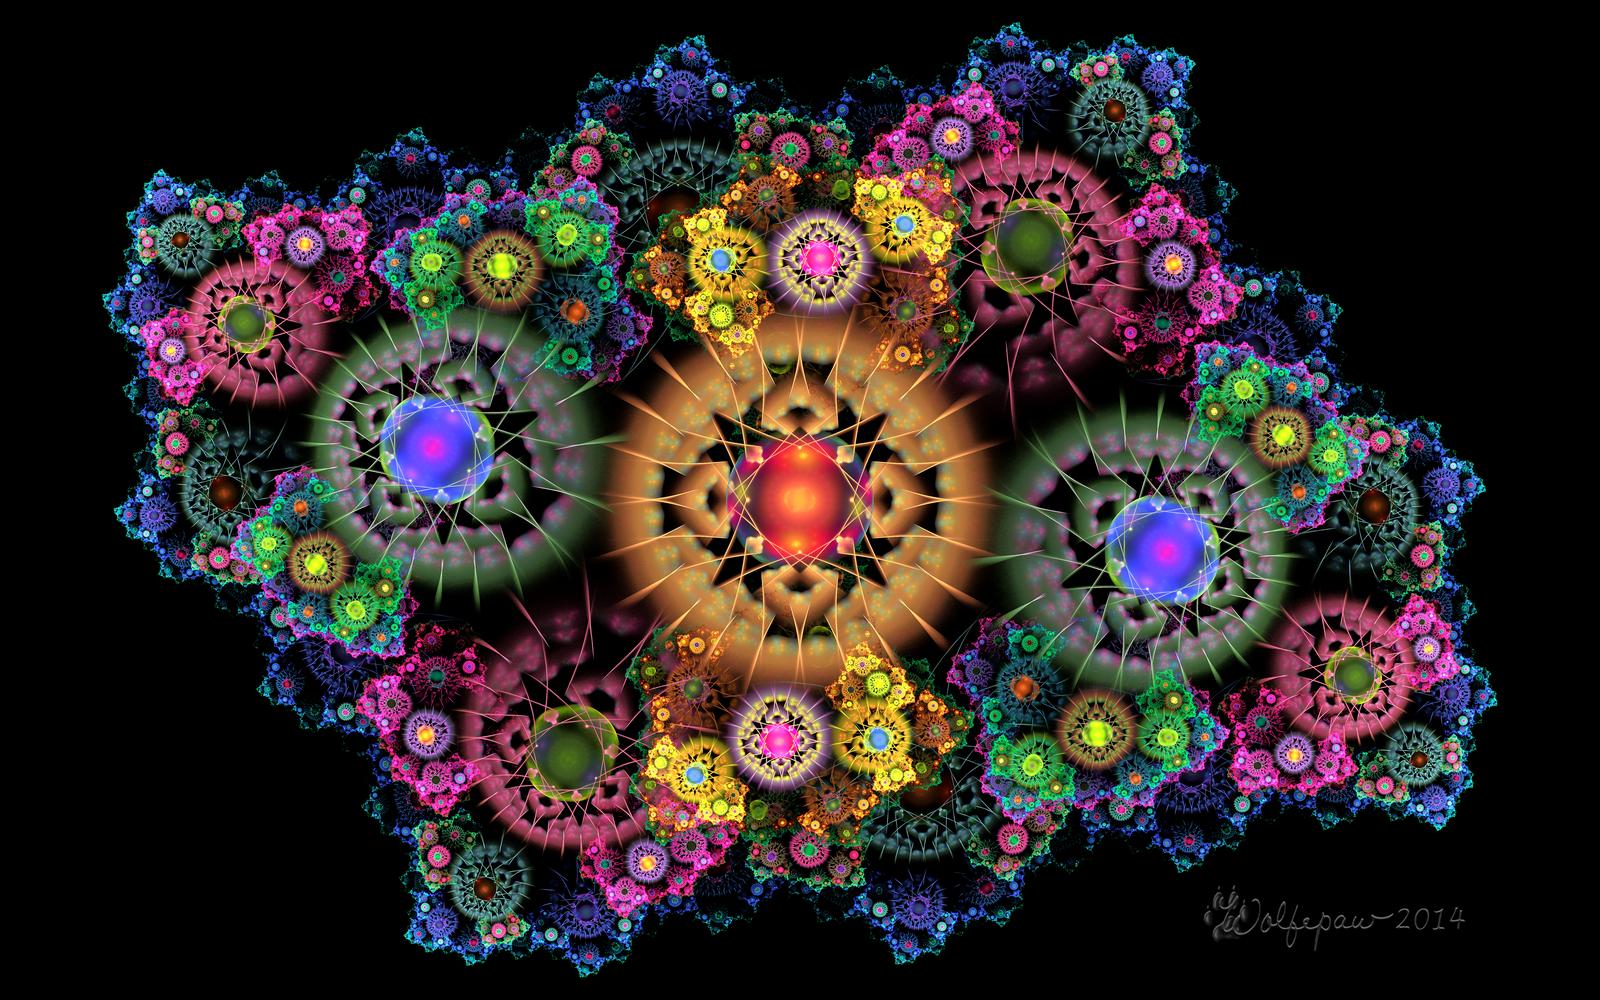 cosmic fractal flowers by wolfepaw on deviantart